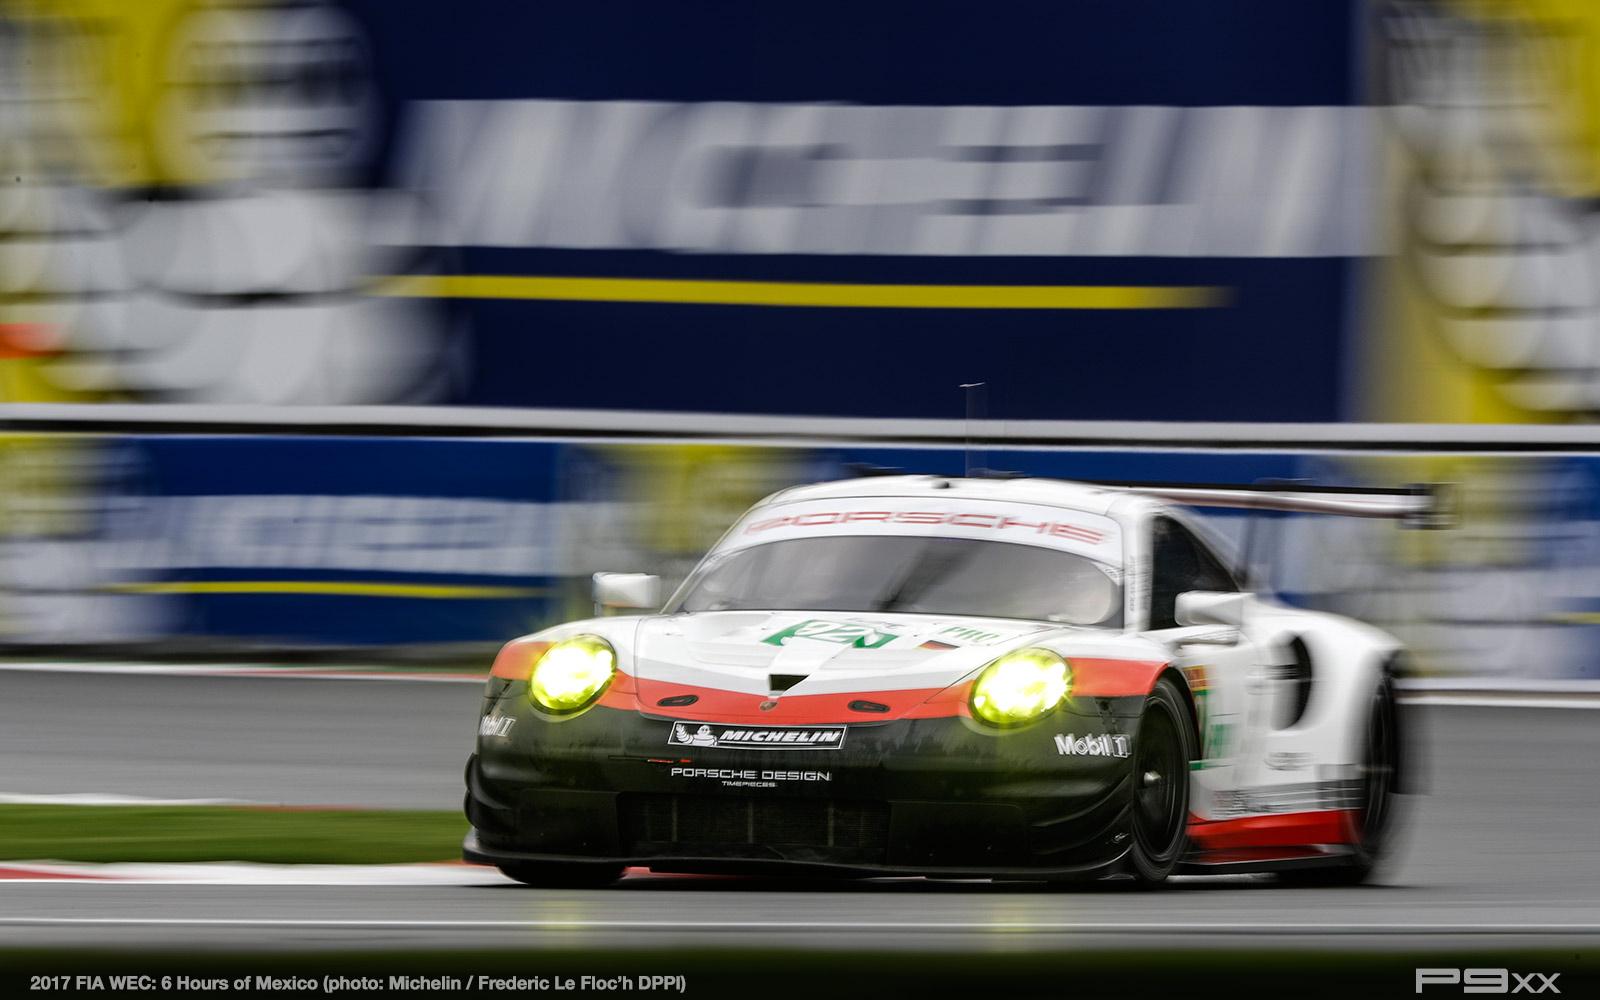 2017-FIA-WEC-6-HOURS-MEXICO-PORSCHE-exico_FLF_02117008_503481242